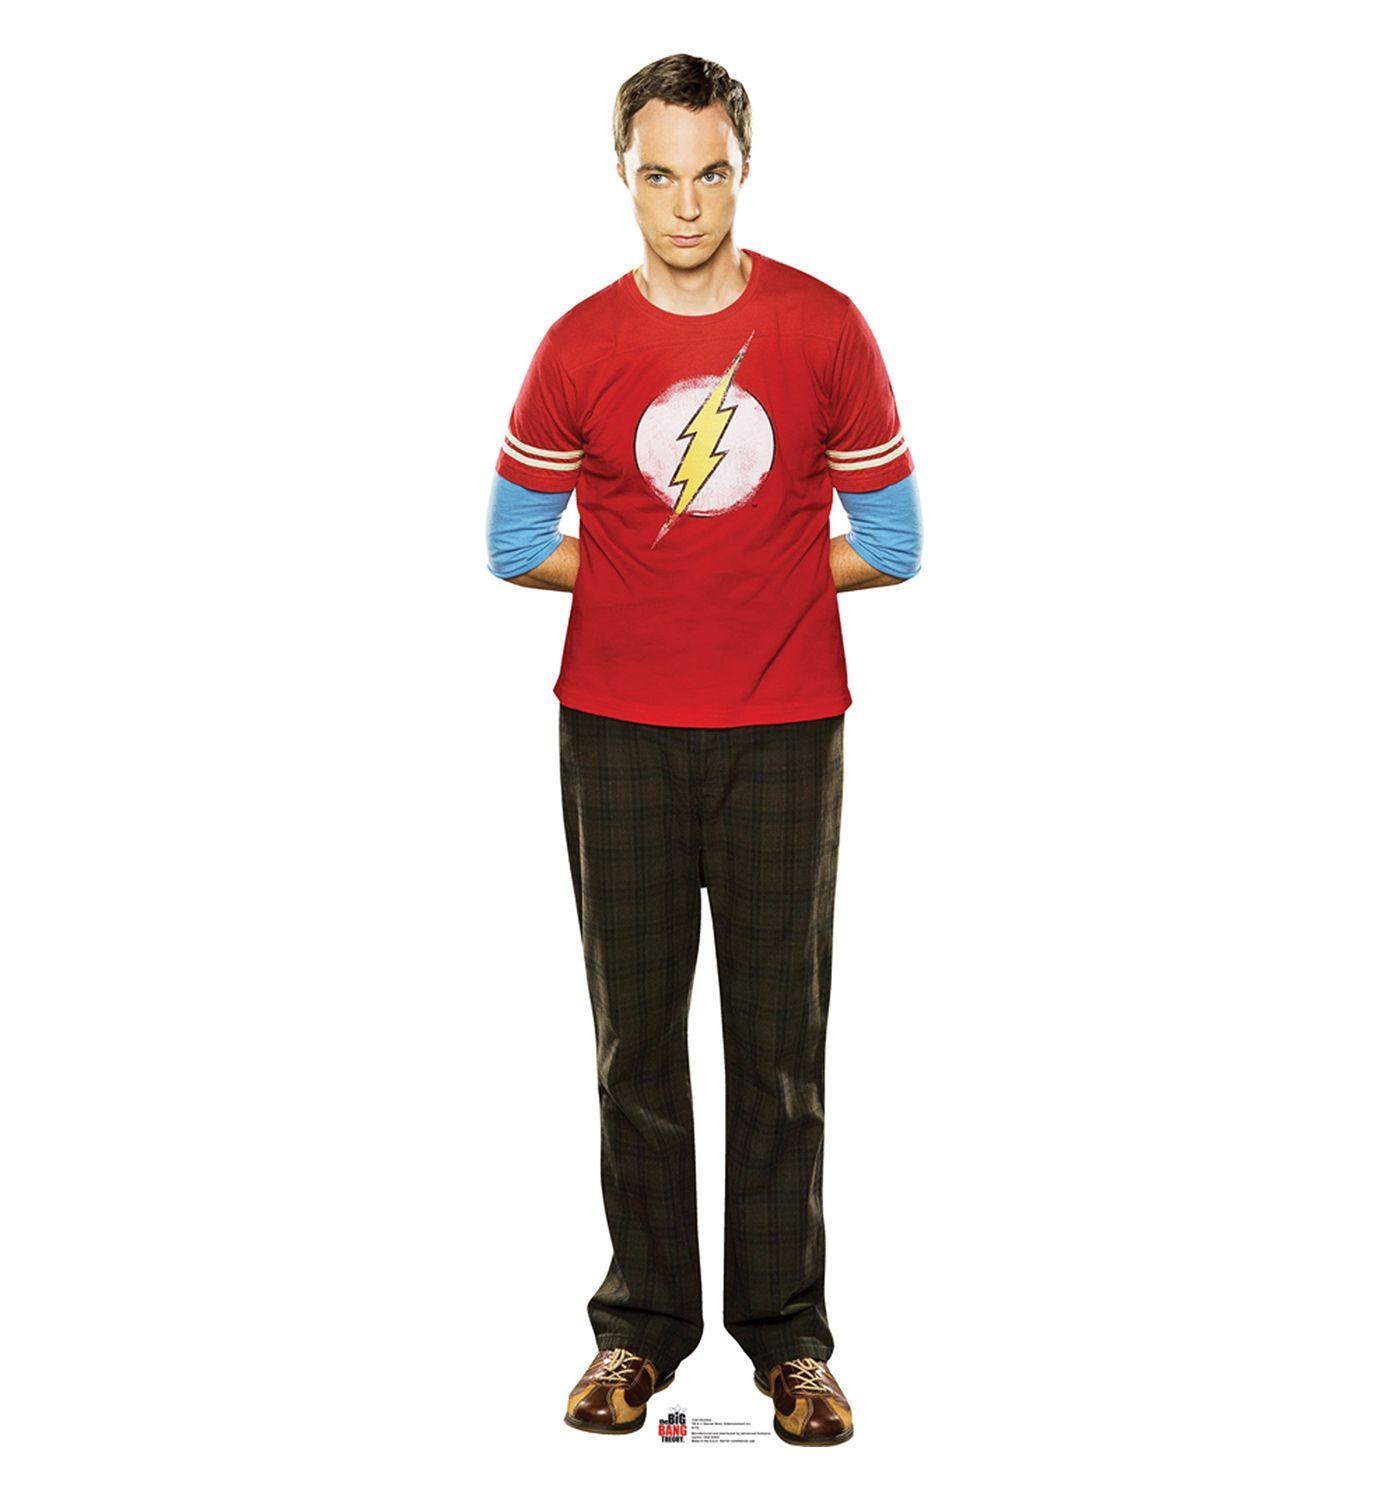 Funny big bang theory pictures 27 pics - Sheldon Big Bang Theory